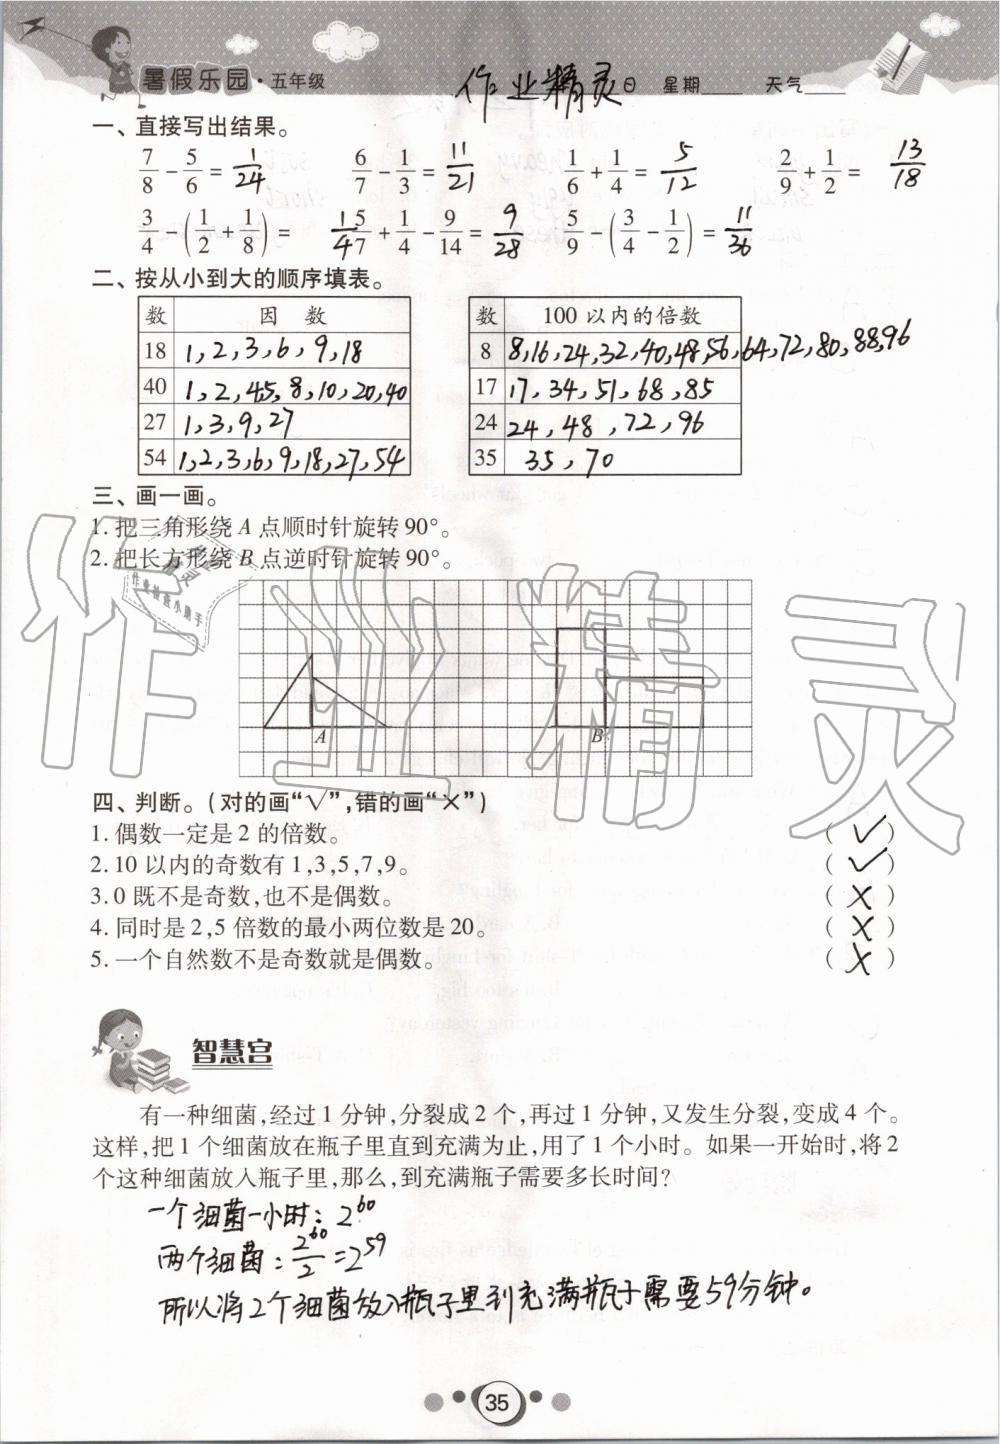 2019年暑假乐园五年级语文数学人人中彩票安卓广东人民出版社第35页